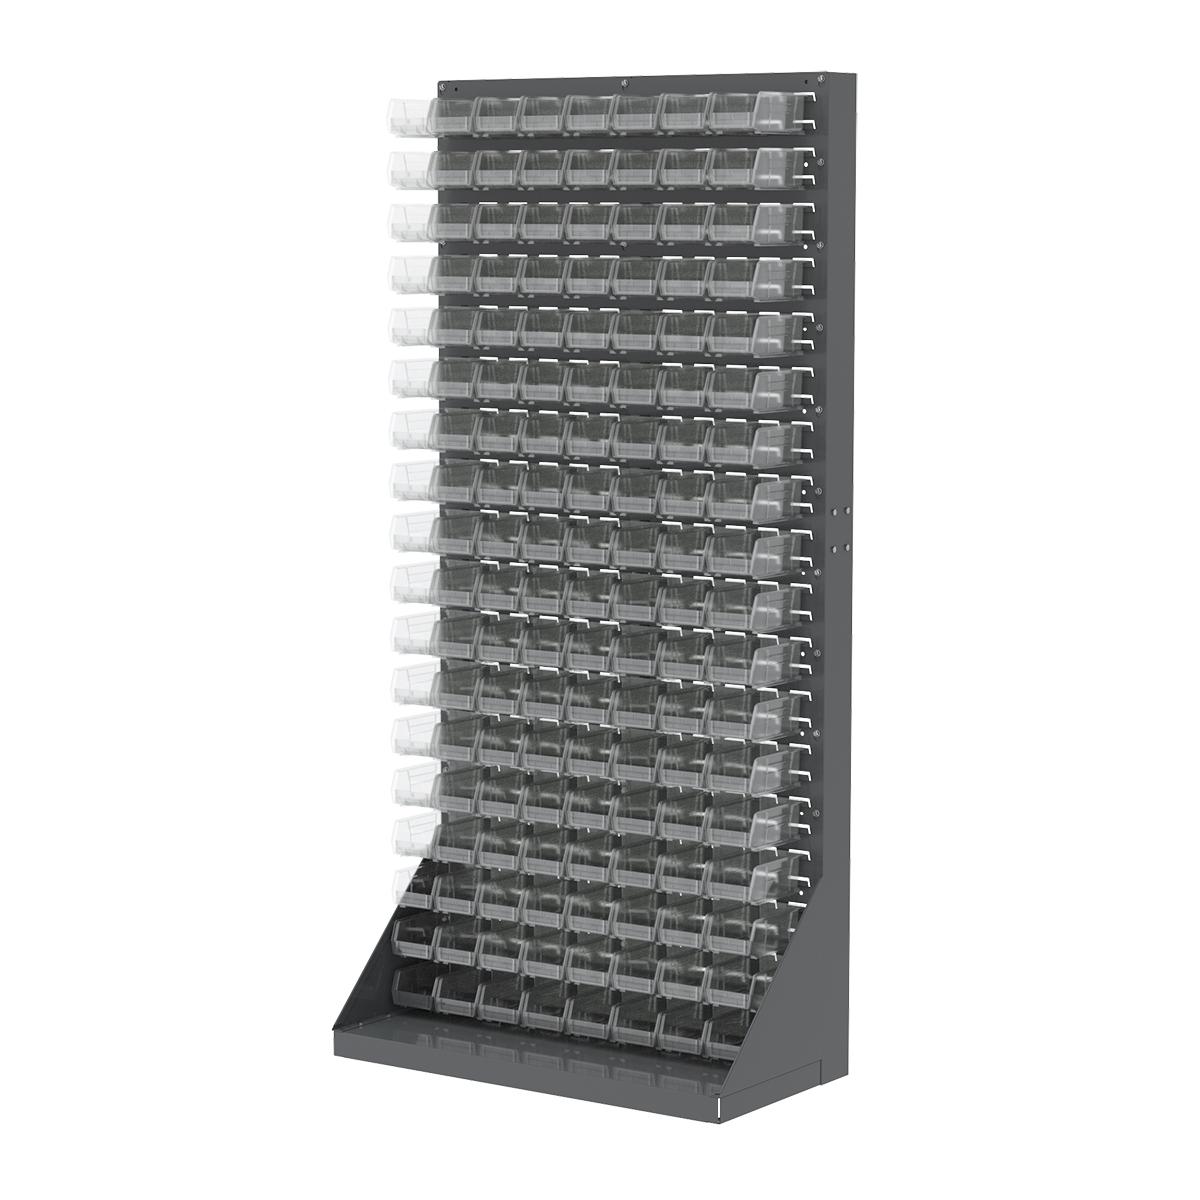 Louvered Panels Shelving Racks Akro Bins 30651